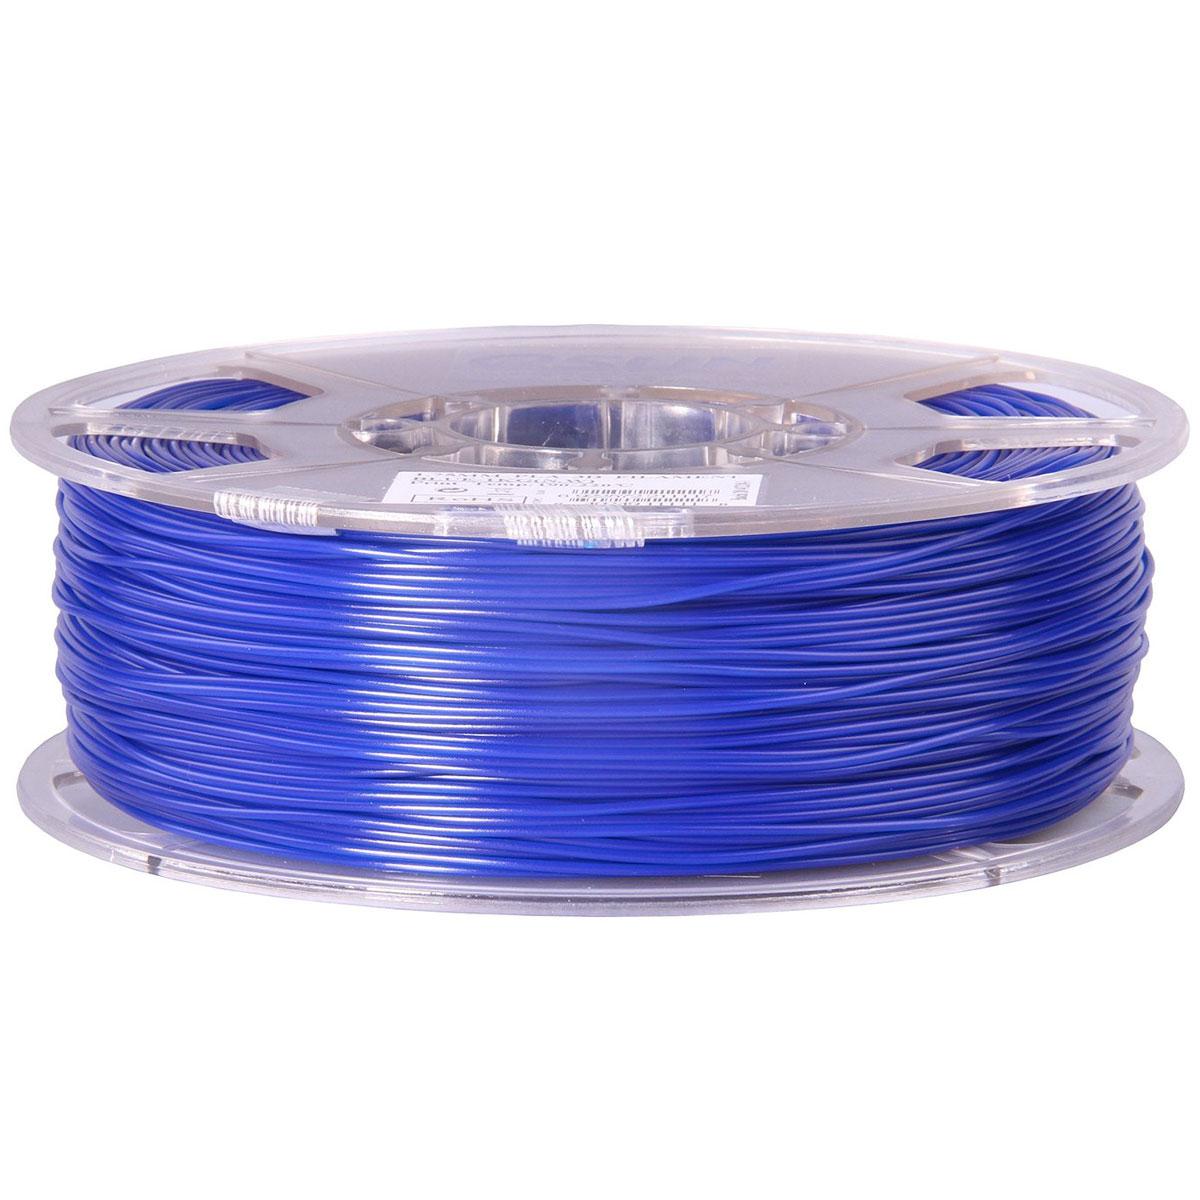 ESUN пластик PLA в катушке, Blue, 1,75 ммPLA175U1Пластик PLA от ESUN долговечный и очень прочный полимер, ударопрочный, эластичный и стойкий к моющим средствам и щелочам. Один из лучших материалов для печати на 3D принтере. Пластик не имеет запаха и не является токсичным. Температура плавления 190-220°C. PLA пластик для 3D-принтера применяется в деталях автомобилей, канцелярских изделиях, корпусах бытовой техники, мебели, сантехники, а также в производстве игрушек, сувениров, спортивного инвентаря, деталей оружия, медицинского оборудования и прочего. Диаметр нити: 1.75 мм